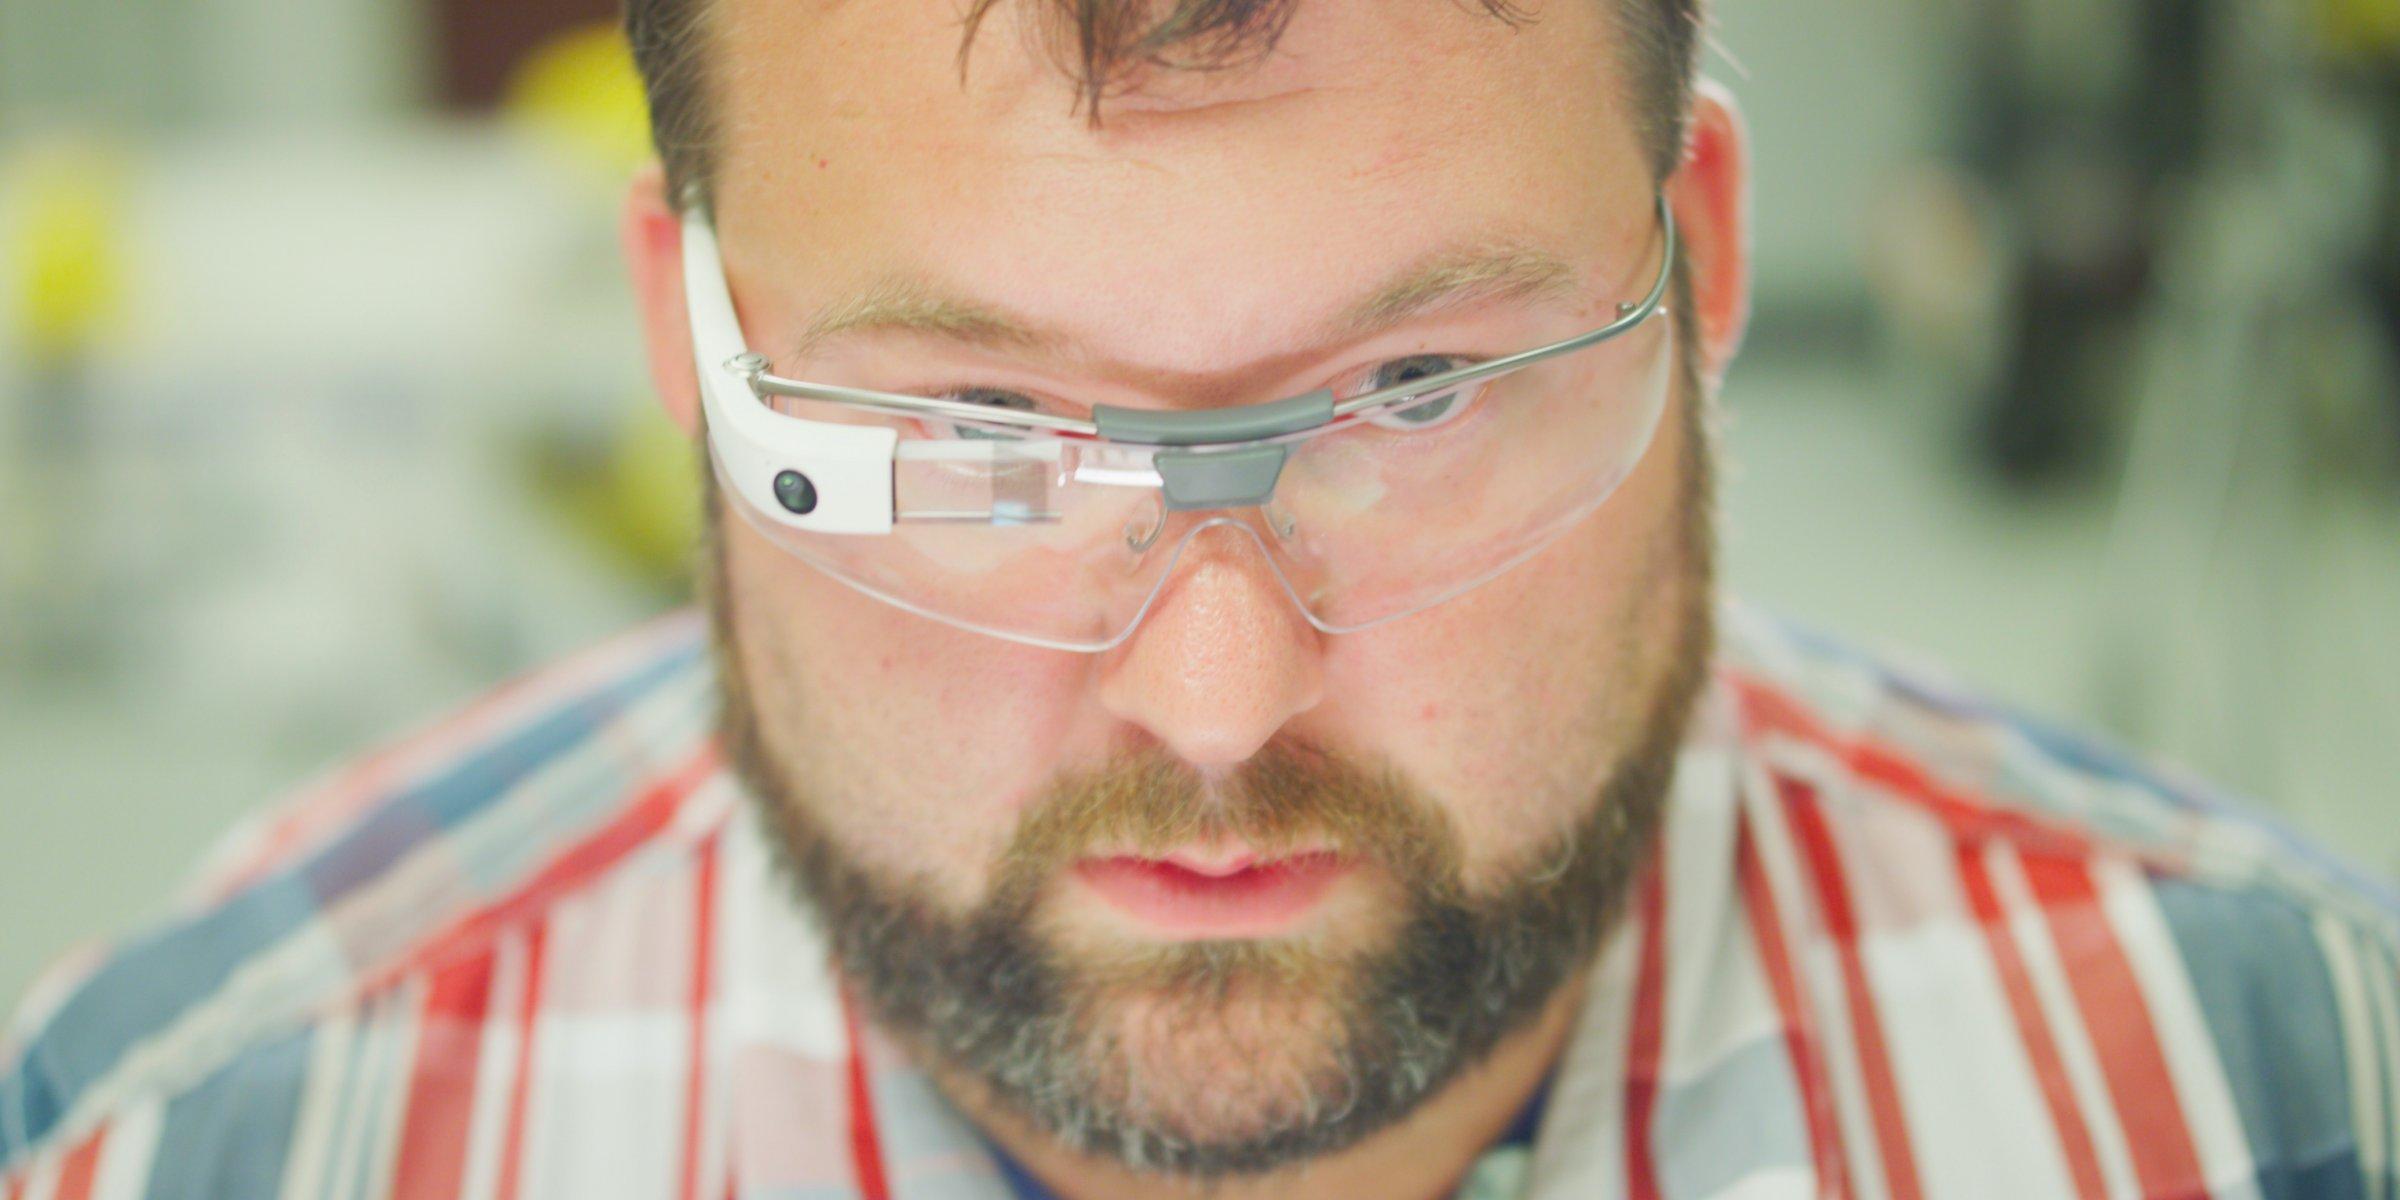 Холдинг Alphabet представил новую версию видеоочков Google Glass